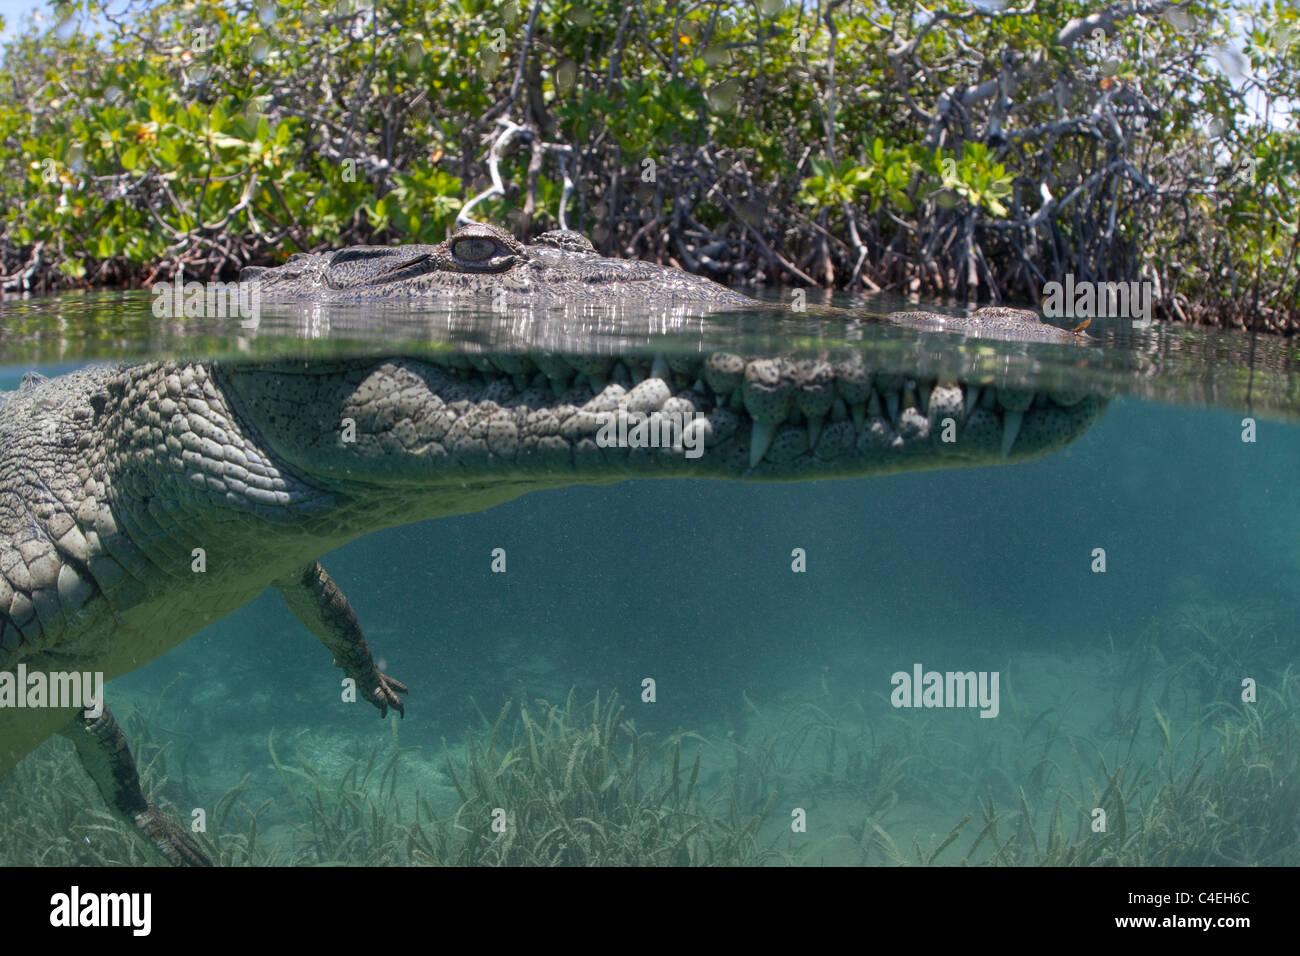 Una frazione di acqua vista di un coccodrillo cubano nuoto attraverso una foresta di mangrovie al largo di Cuba. Immagini Stock